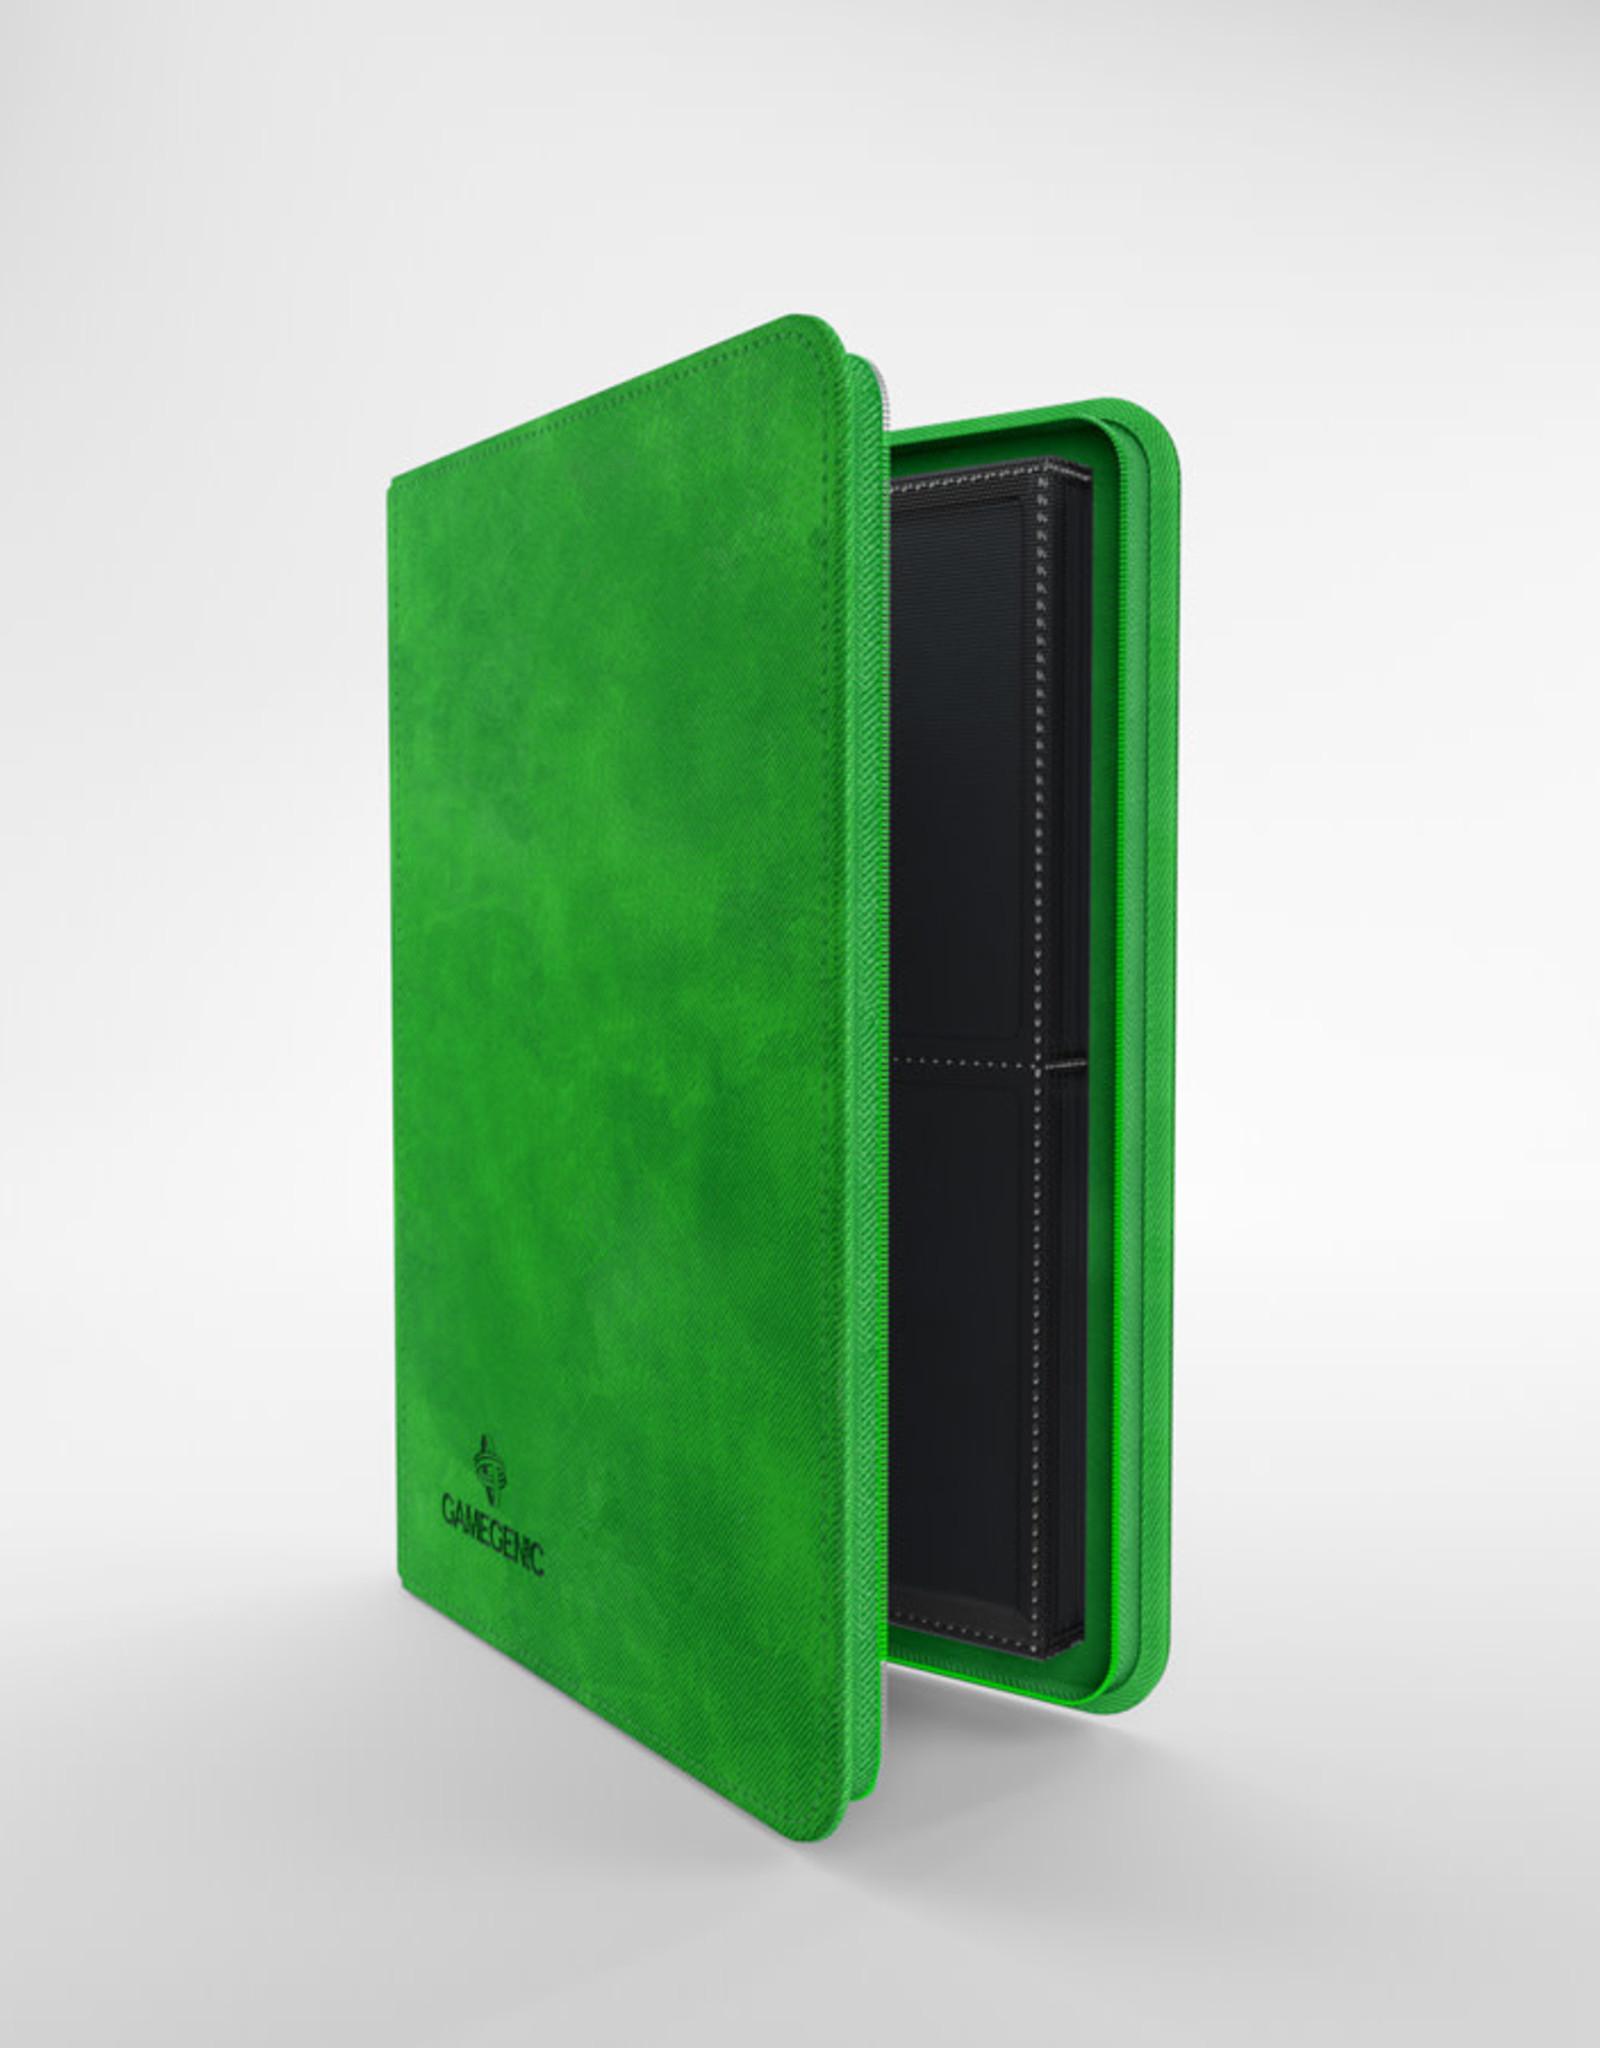 Binder: 8-Pocket Zip-Up Album Green